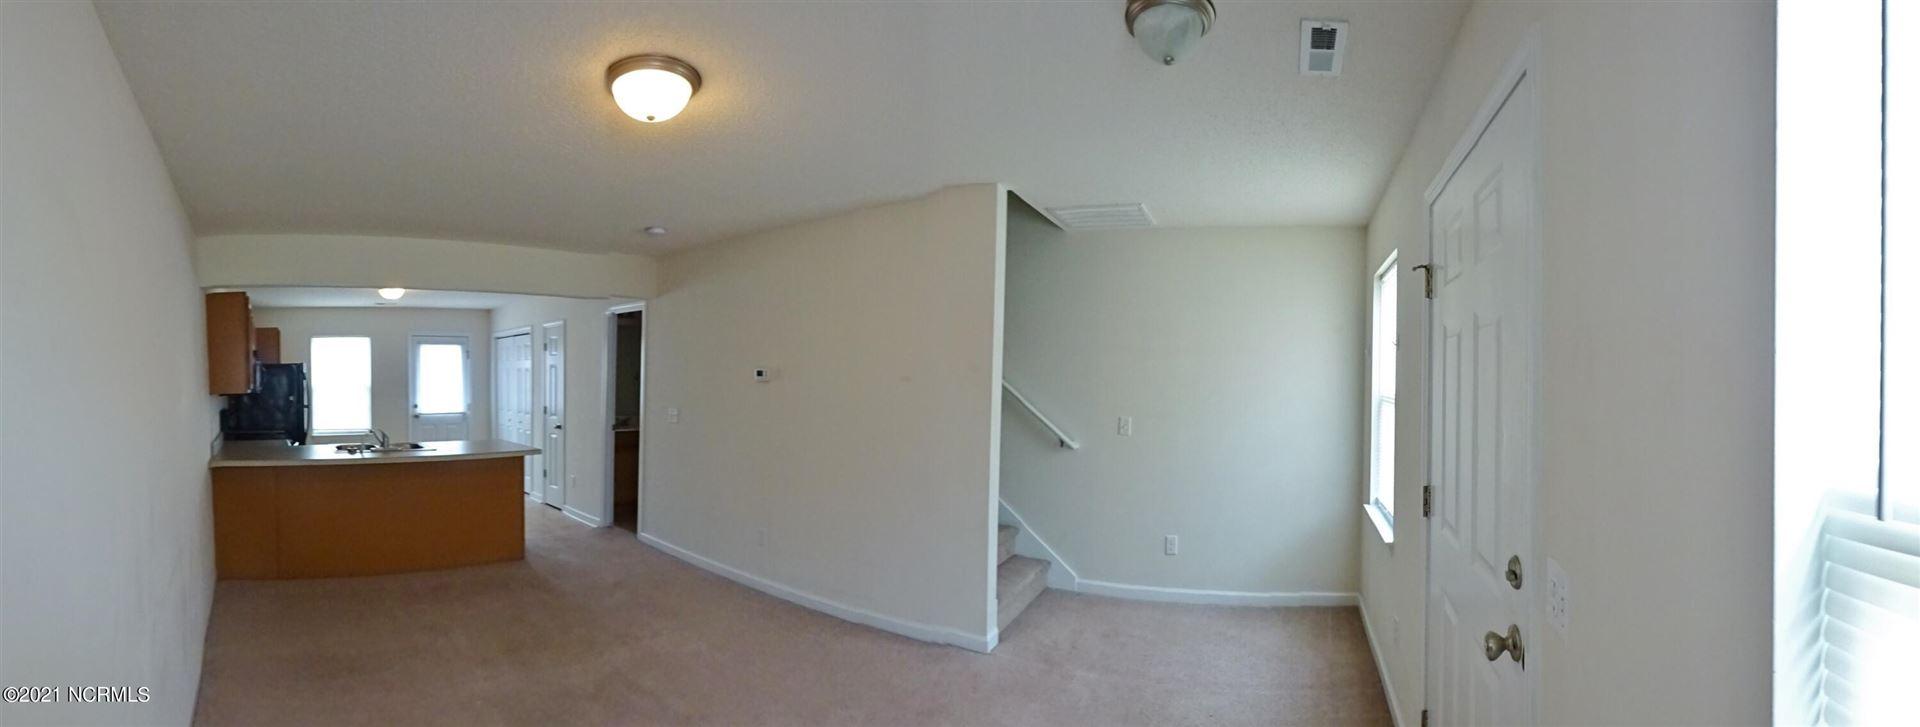 Photo of 200 Lanieve Court #Unit 7, Hubert, NC 28539 (MLS # 100293945)